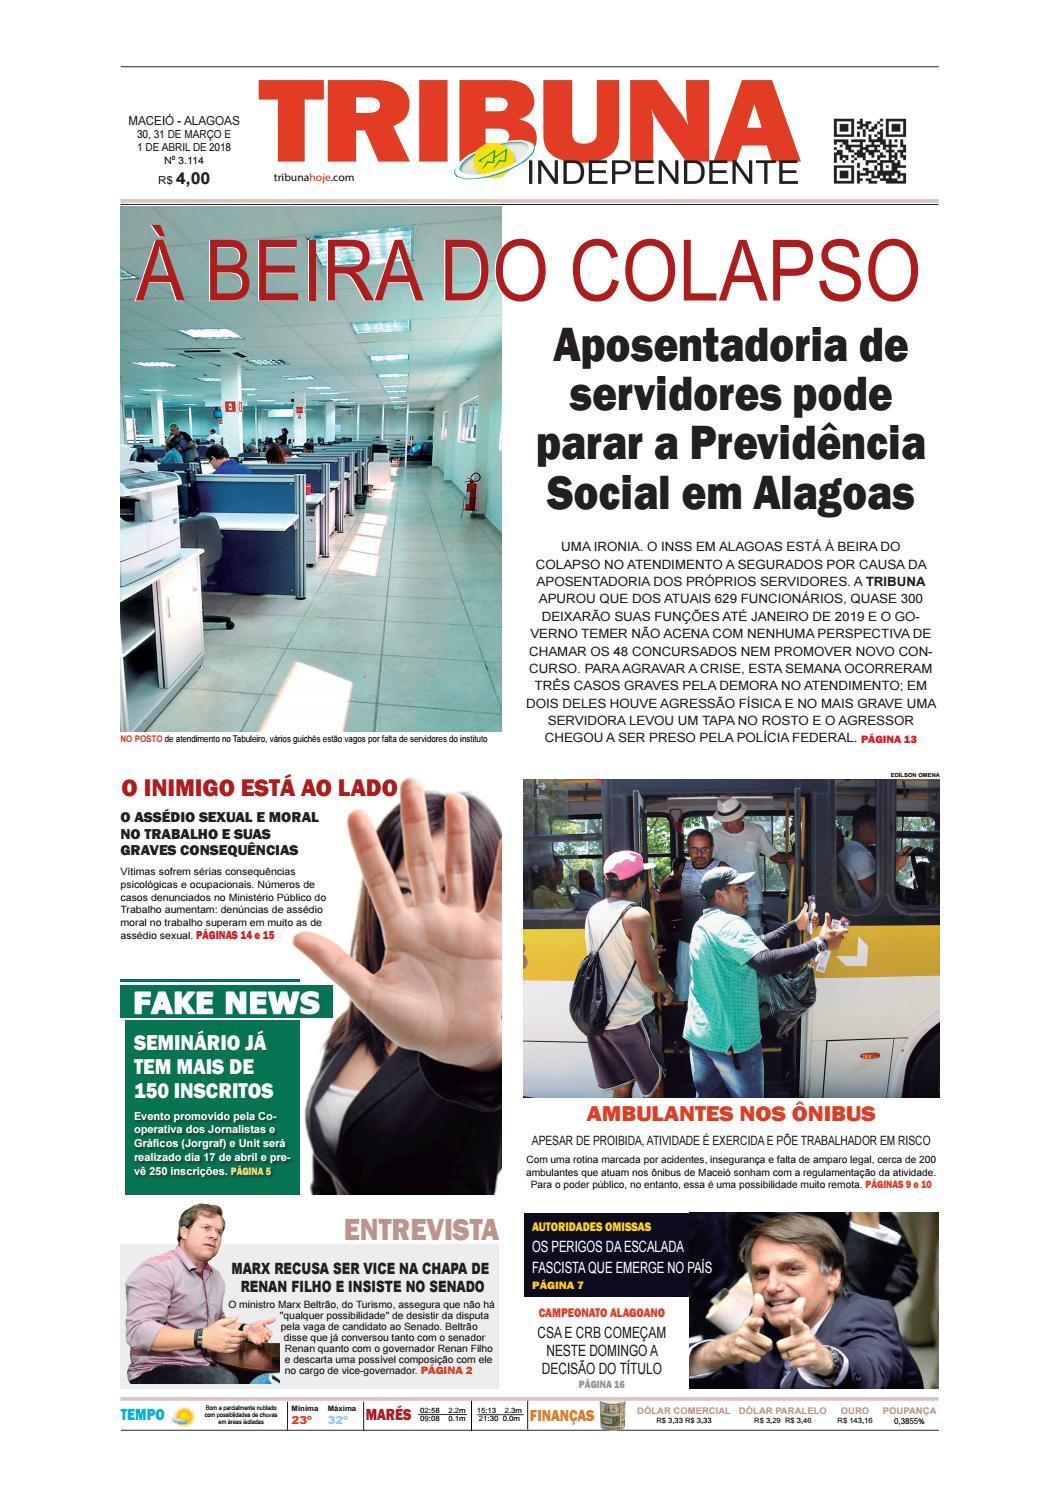 e5481cfdc7e Edição número 3114 - 30 e 31 de março de 2018 by Tribuna Hoje - issuu